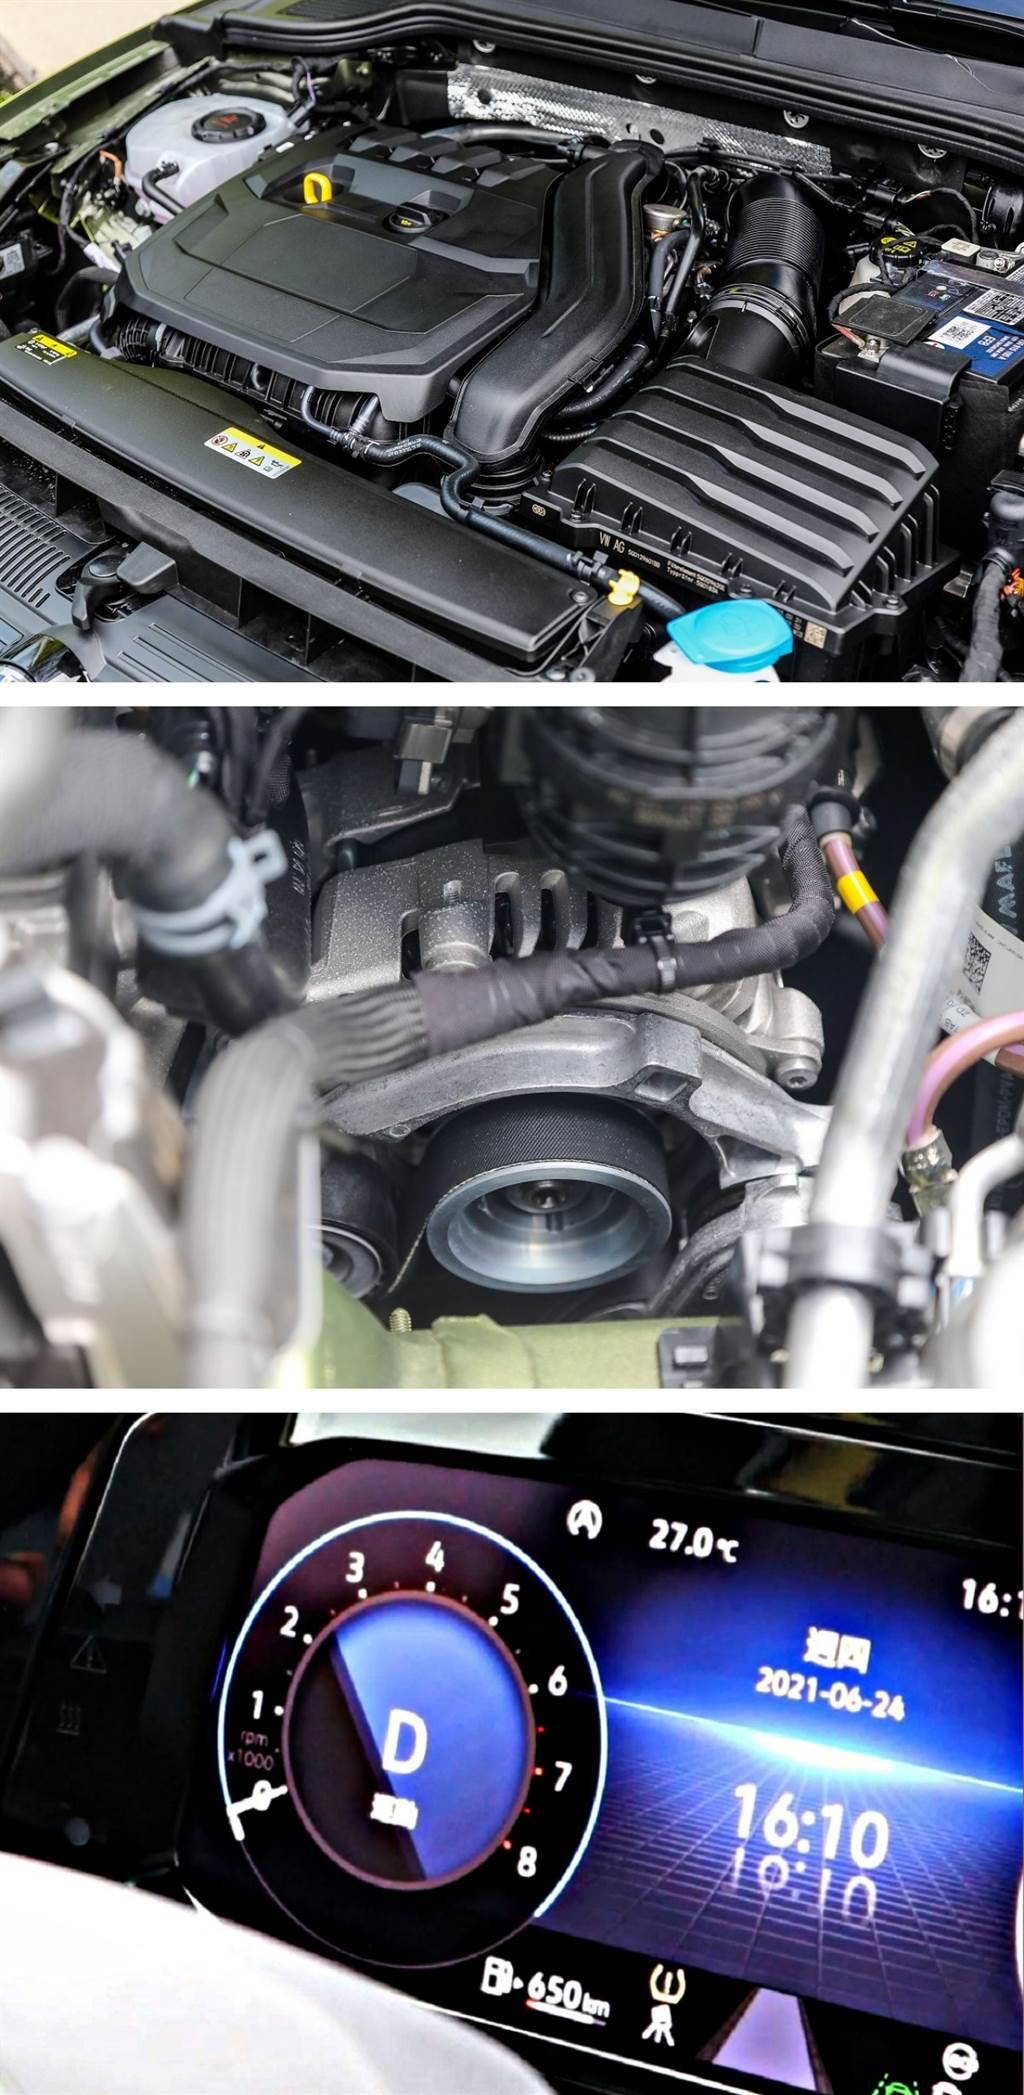 上圖顯示引擎轉速為零,就是車輛在進行節能滑行的狀態,無論是上坡或是下坡,都會以低引擎阻力的方式盡量讓車輛滑行前進節省油耗。